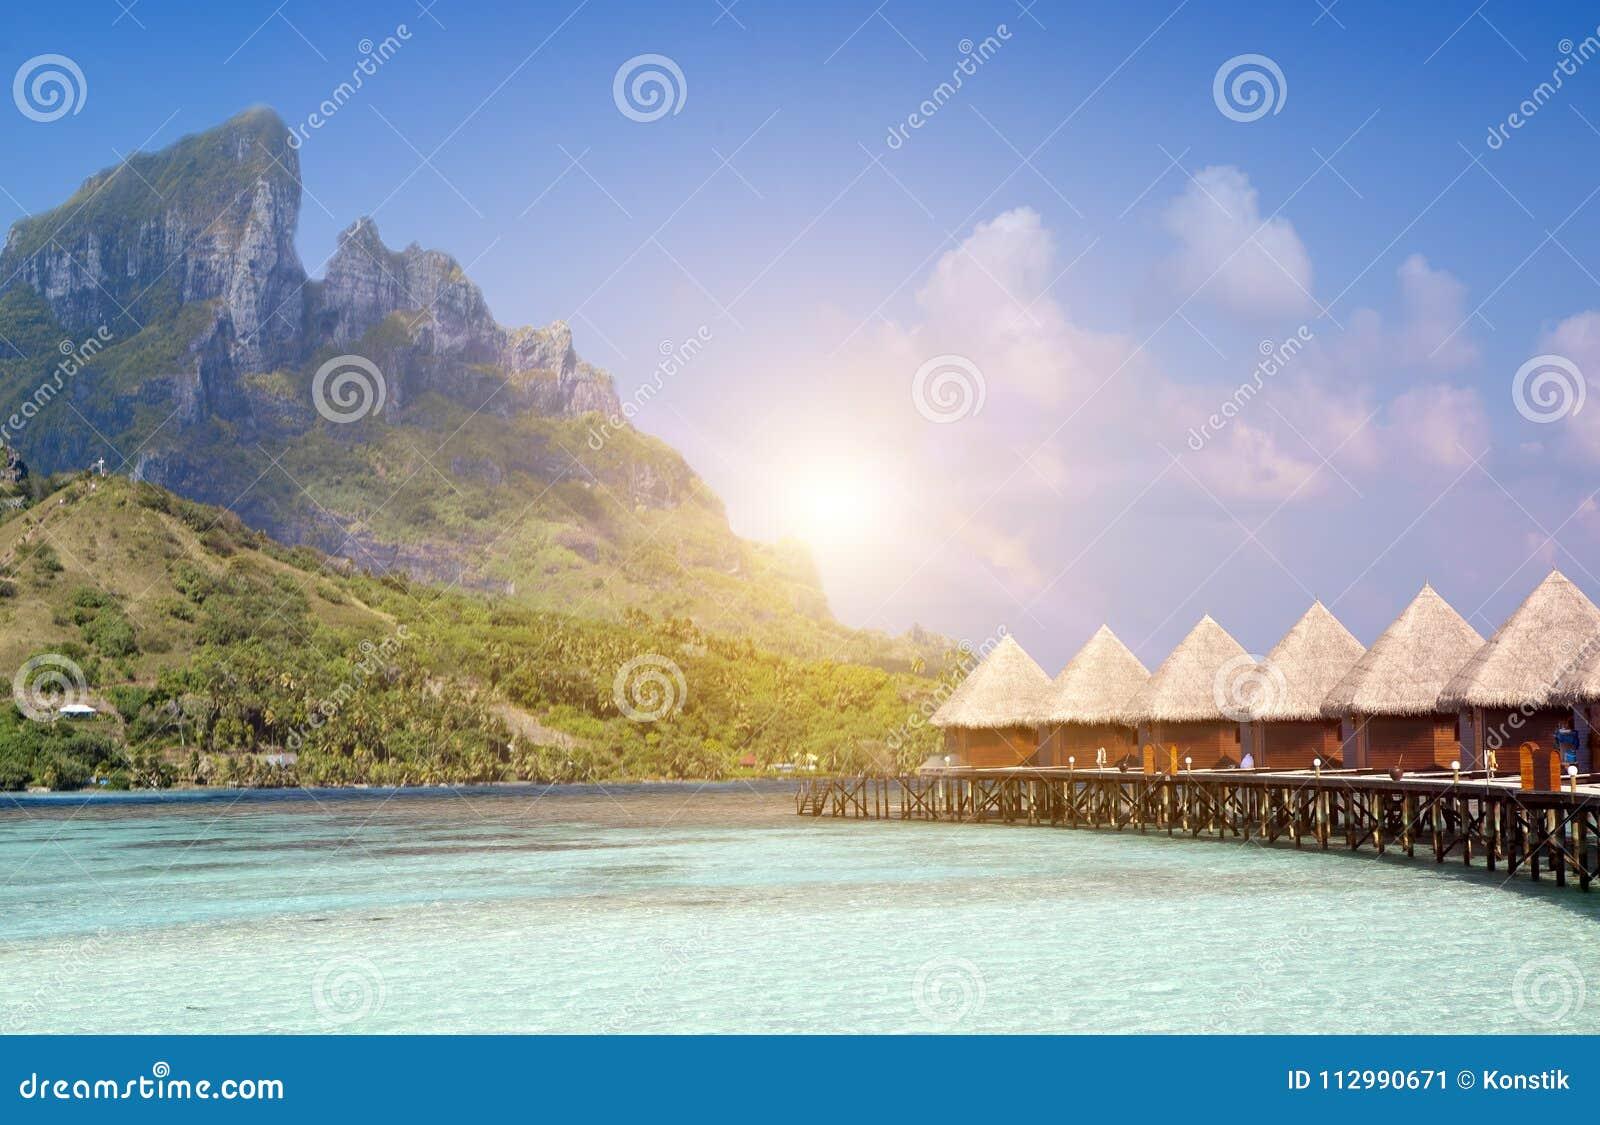 Ilha tropical bonita de Maldivas, casas de campo da água, bungalow no mar e a montanha em um fundo